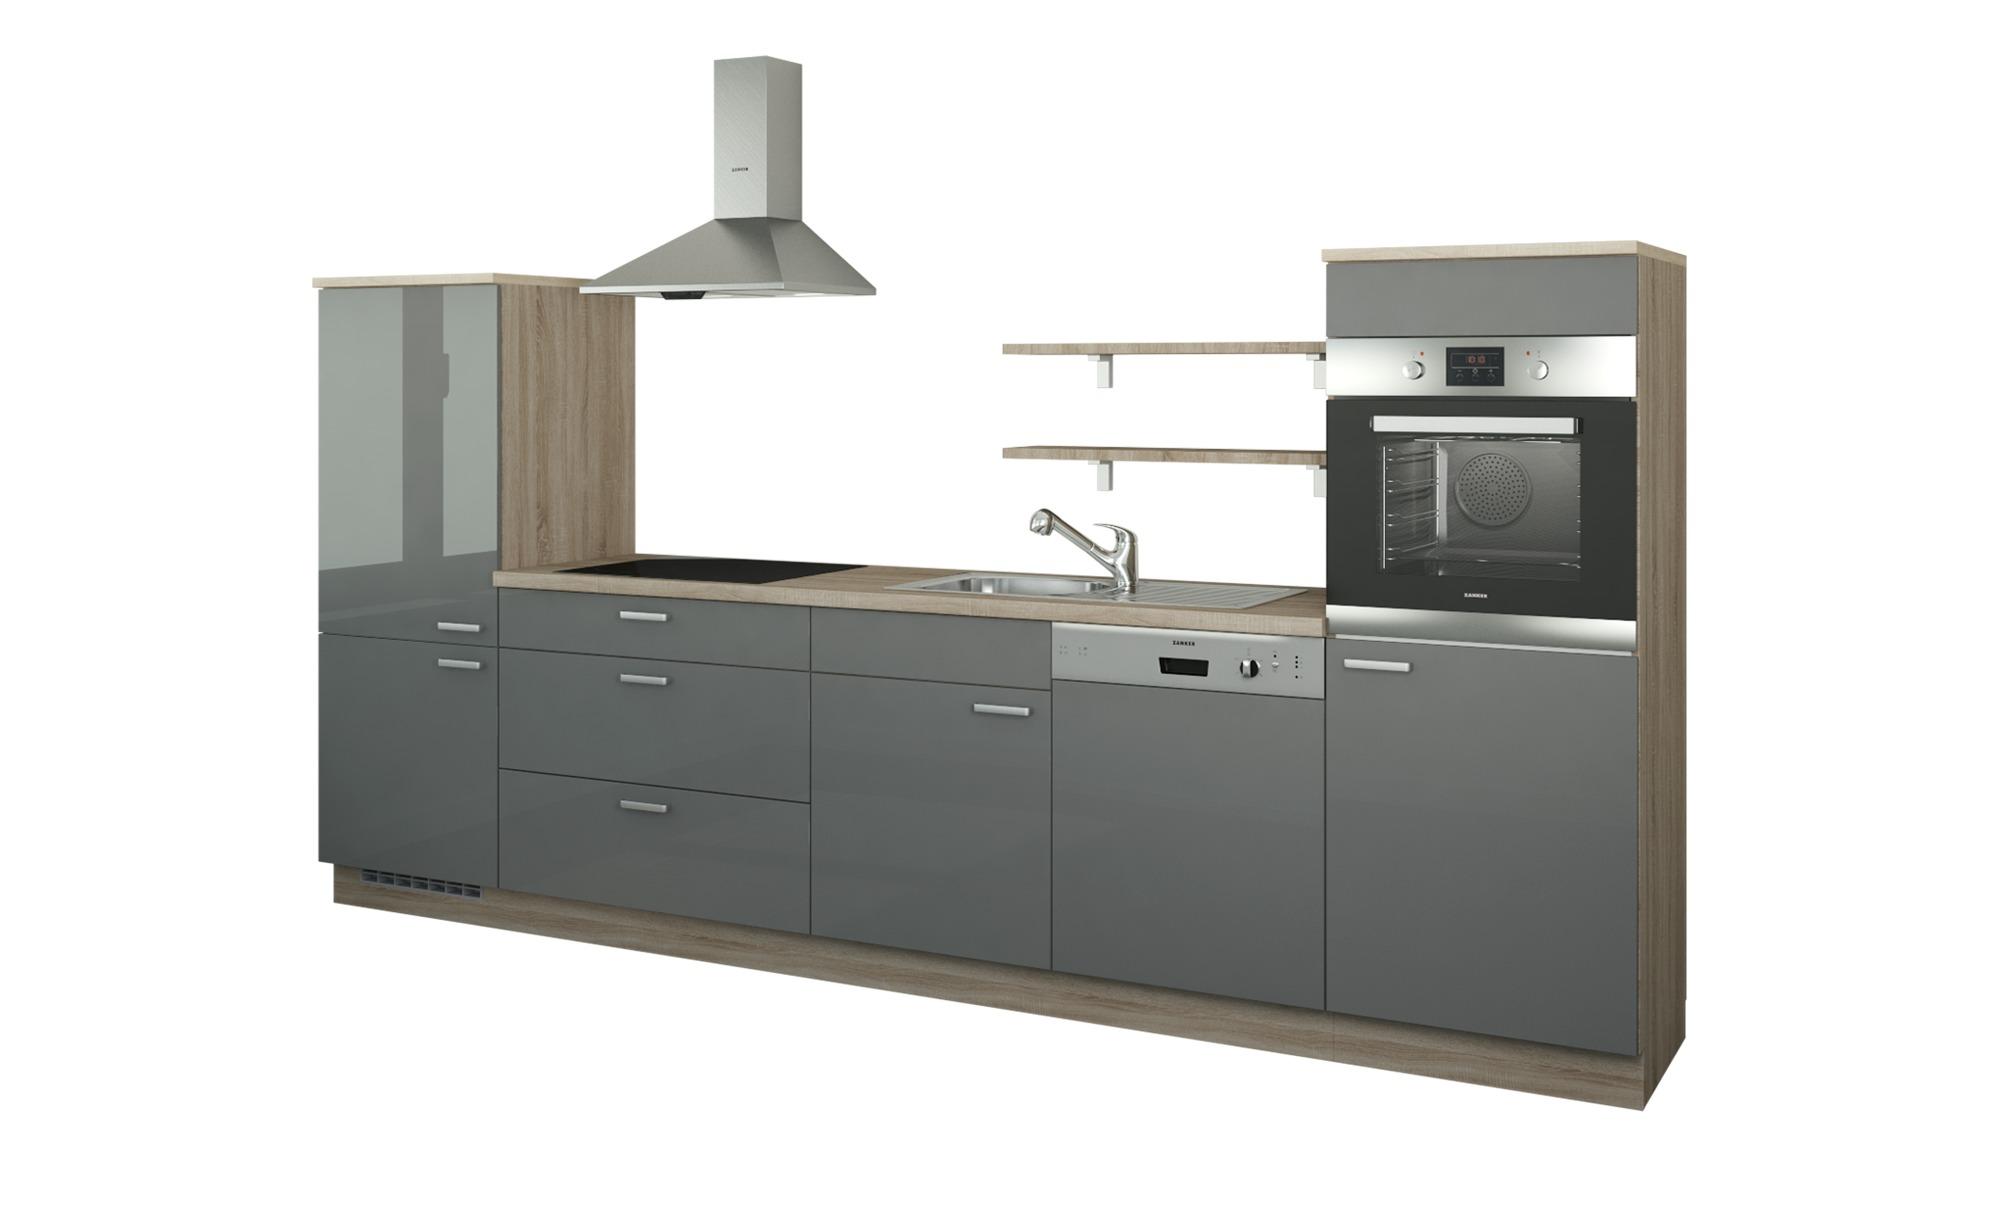 Küchenzeile ohne Elektrogeräte Kassel, gefunden bei Möbel Höffner